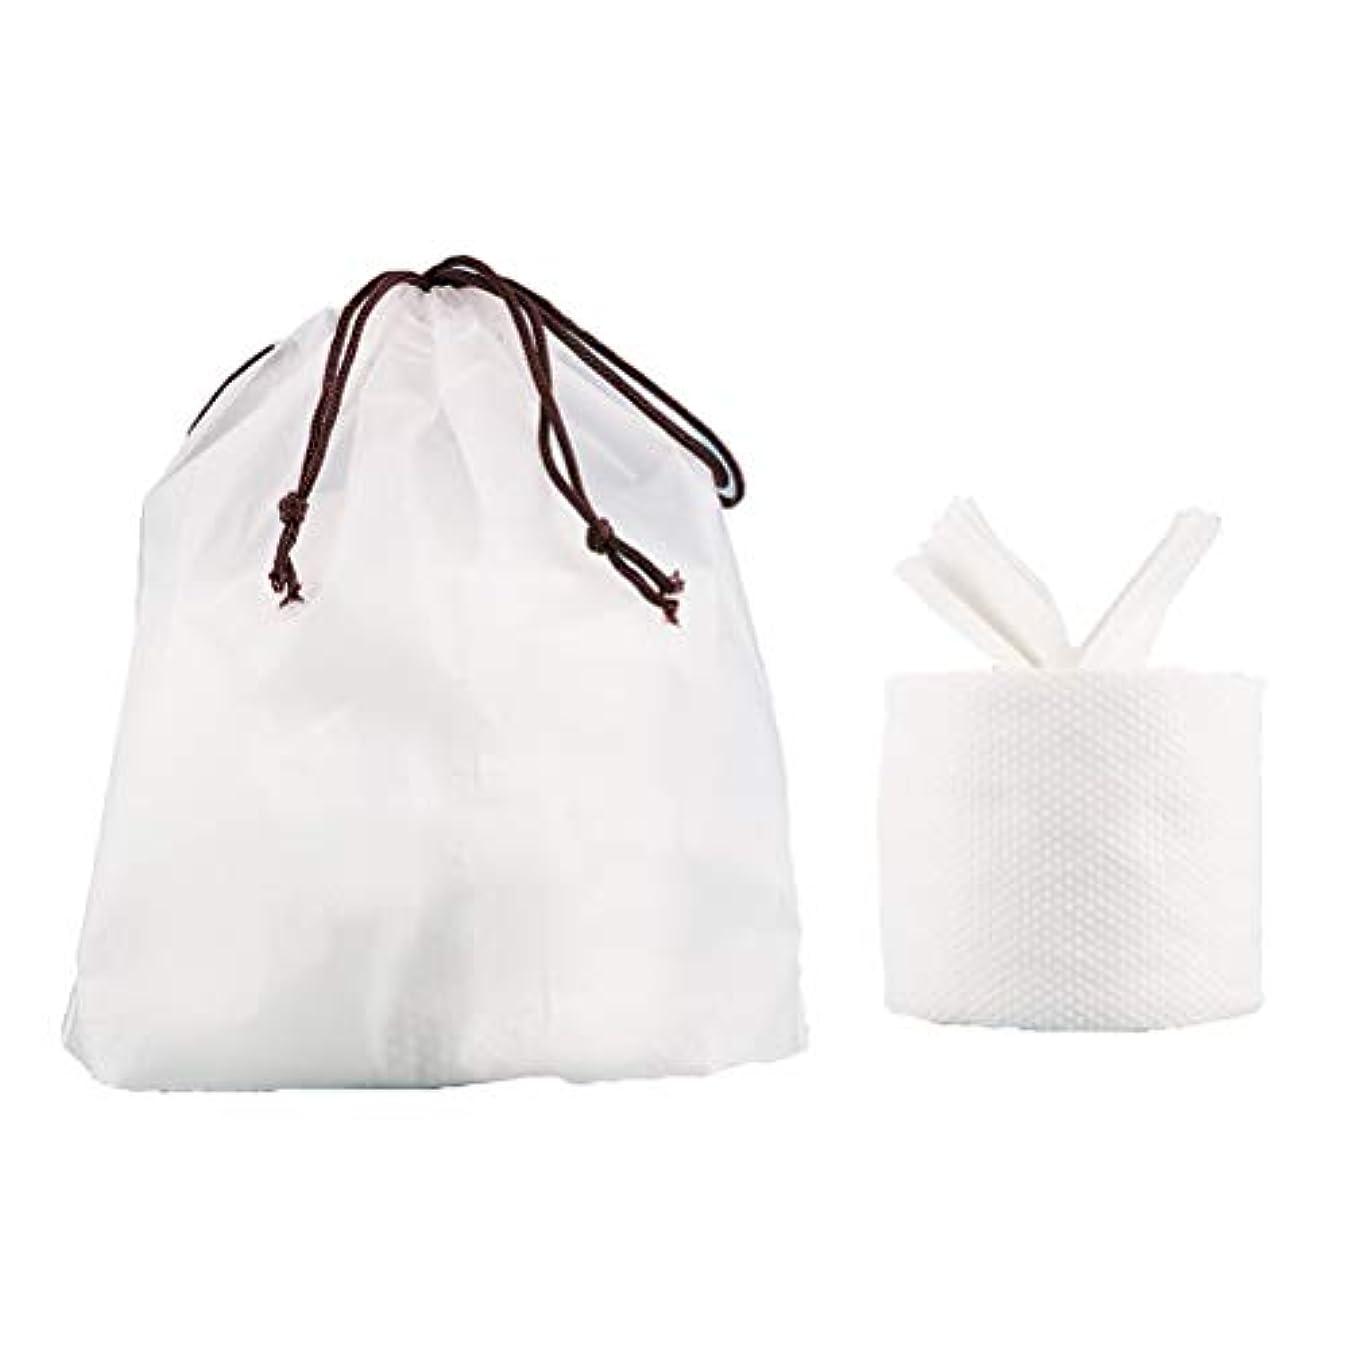 香ばしい覆す陰謀SUPVOX 2ピース使い捨てフェイシャルタオル50枚旅行用化粧落とし用綿ティッシュ